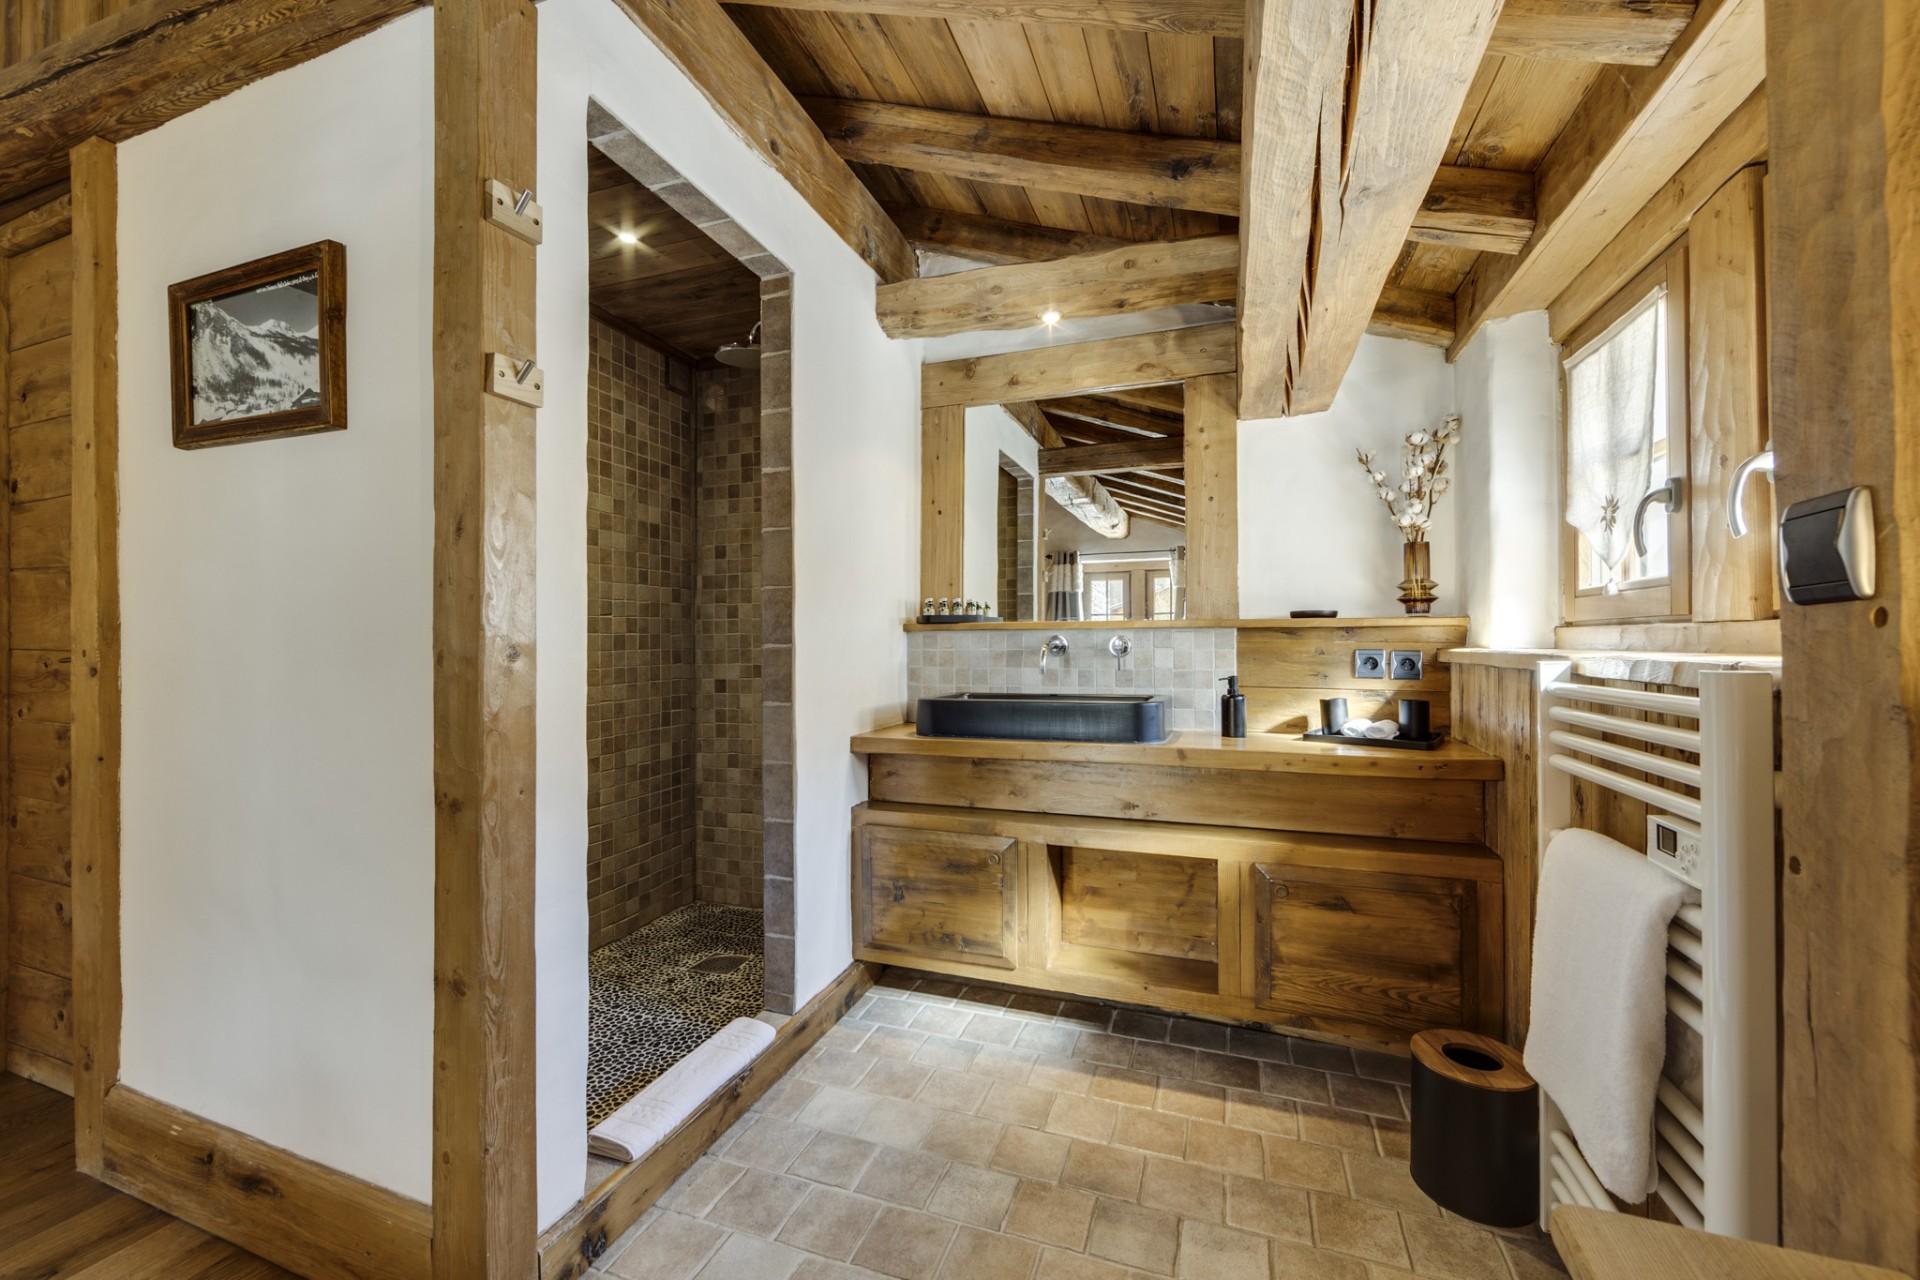 Val D'Isère Location Chalet Luxe Vonsanite Salle De Bain 3